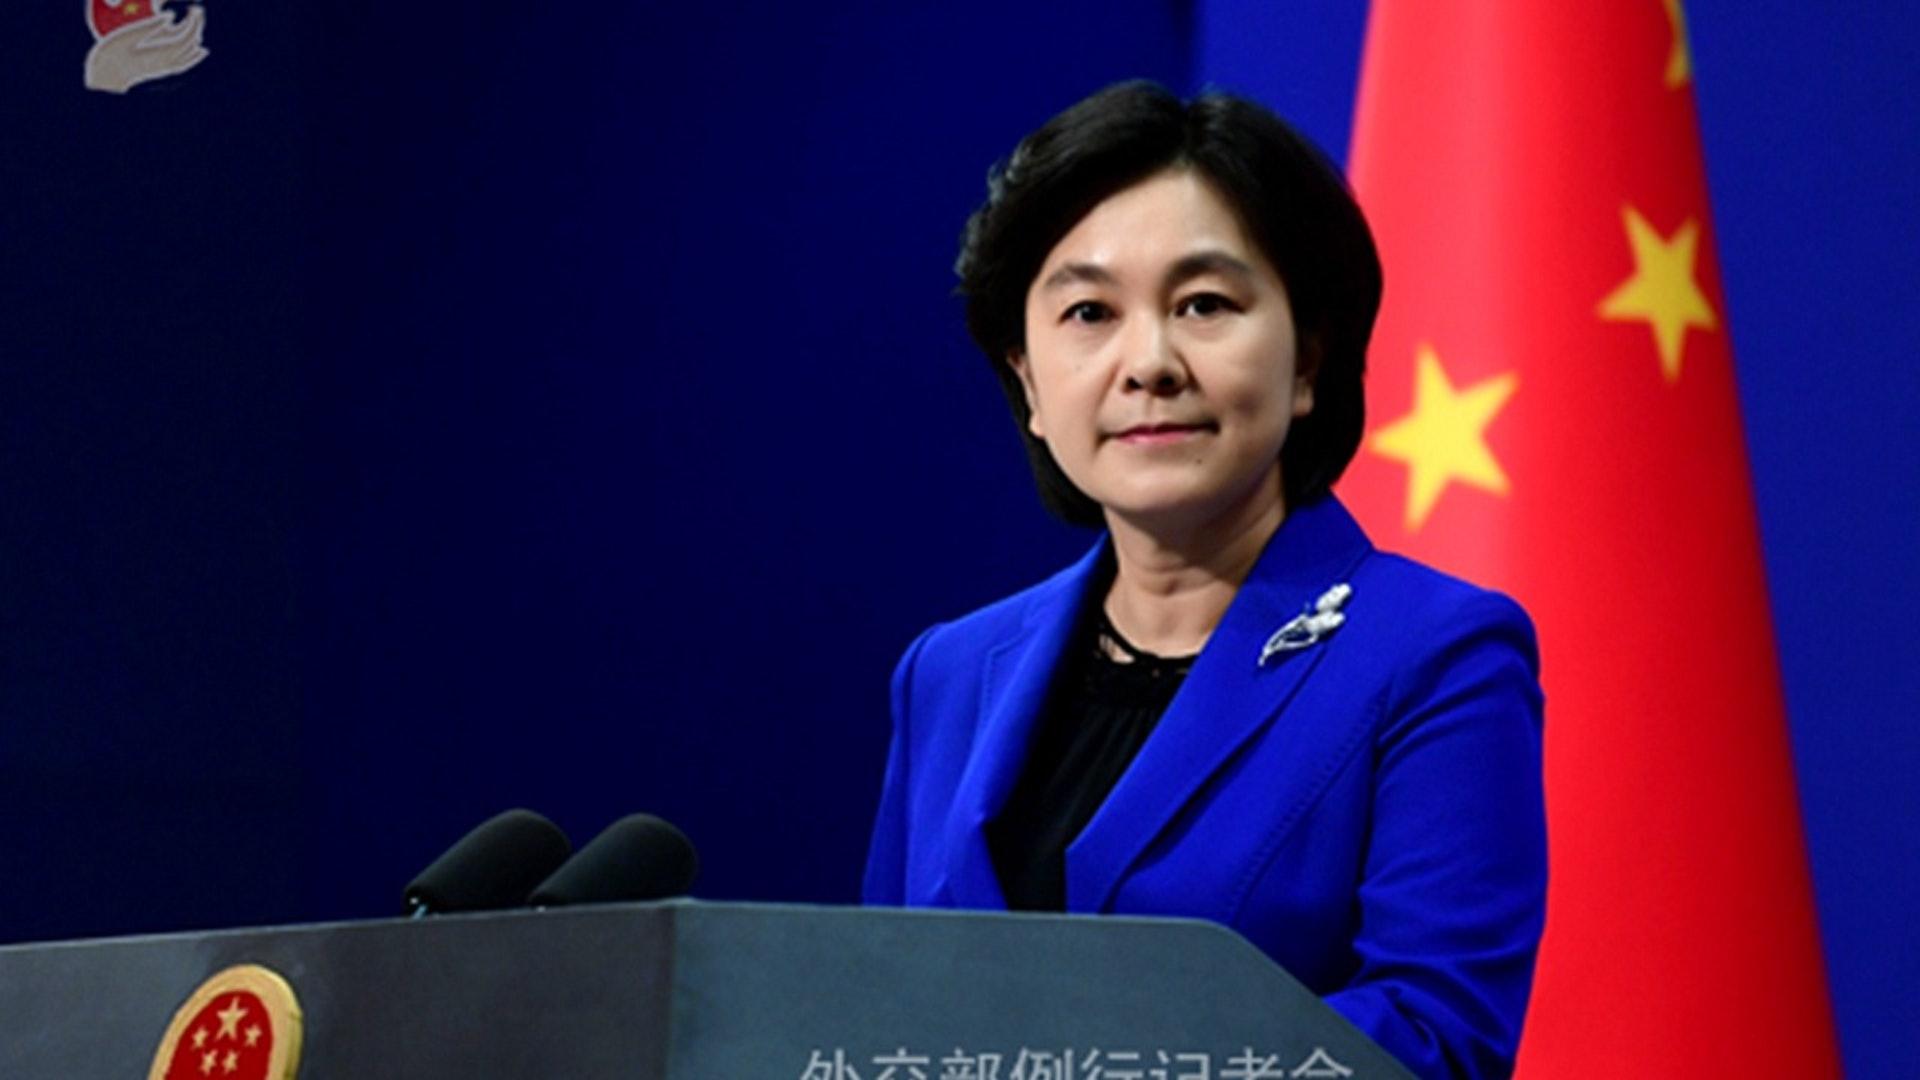 2019年8月2日,中國外交部發言人華春瑩主持例行記者會。(中國外交部)